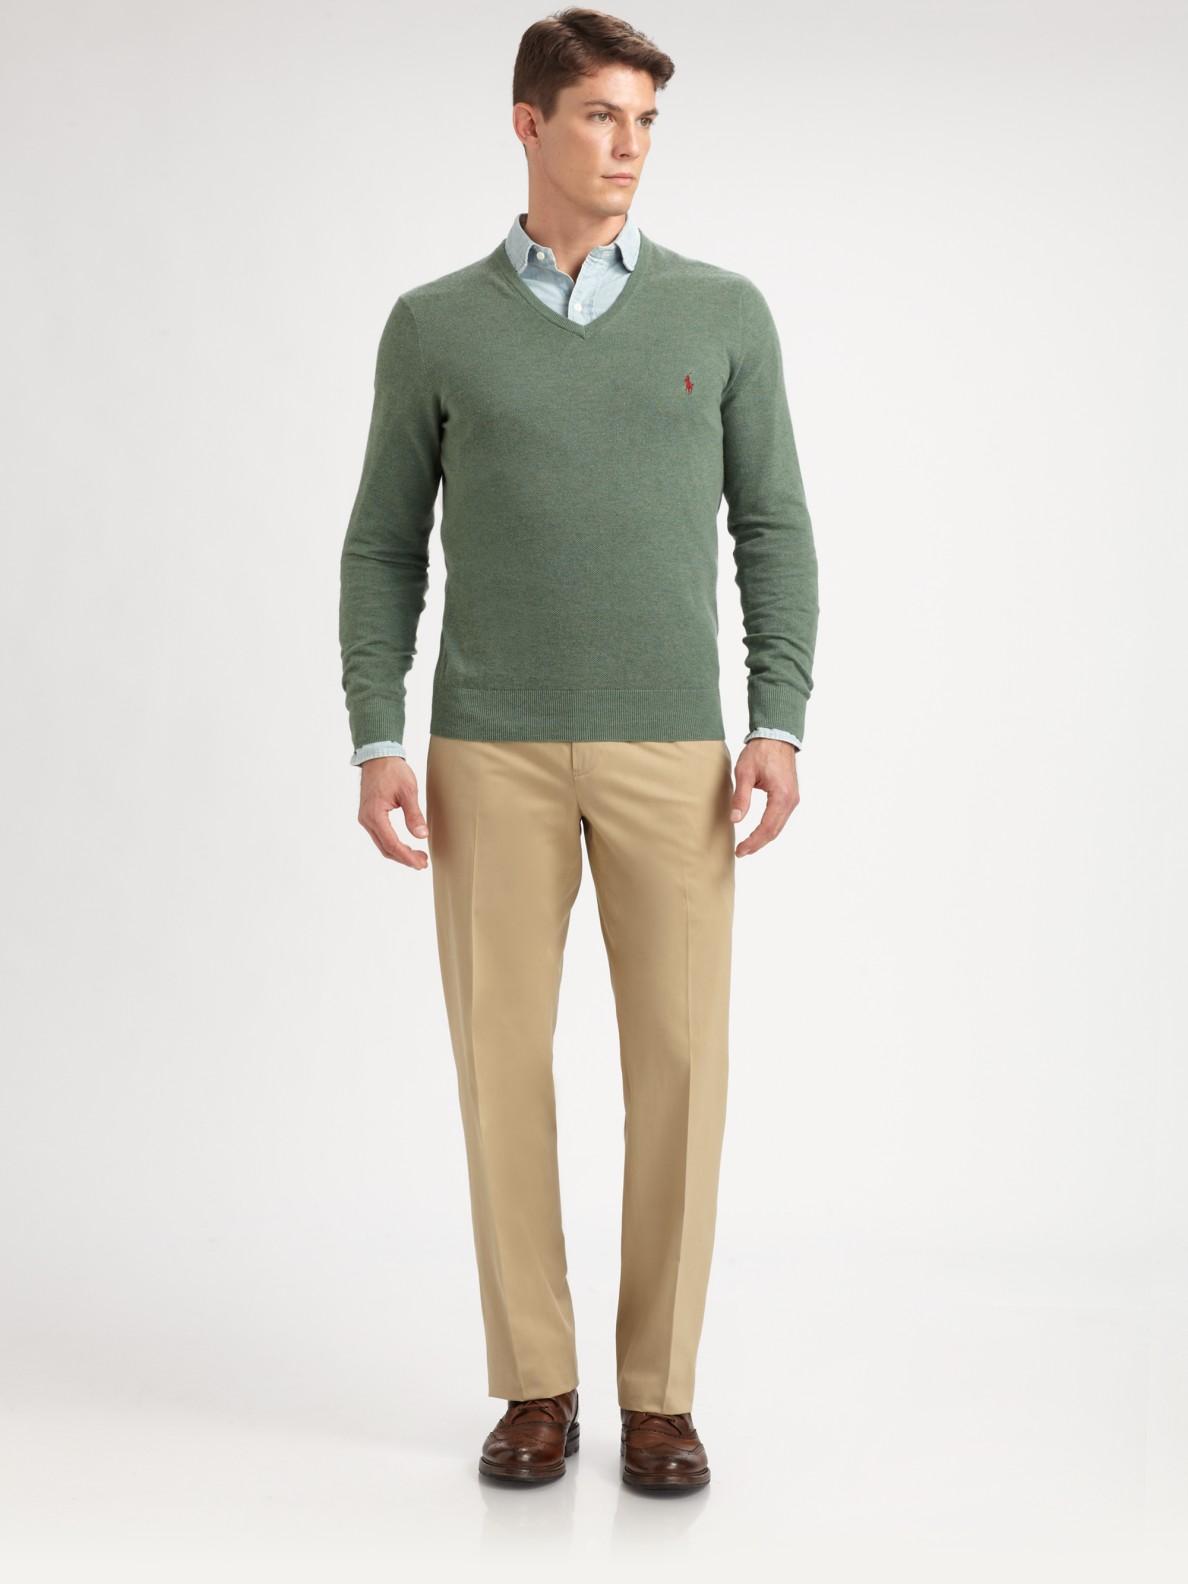 ... Ralph Lauren Polo V Neck Men Mesh Sweaters Dark Grey ...